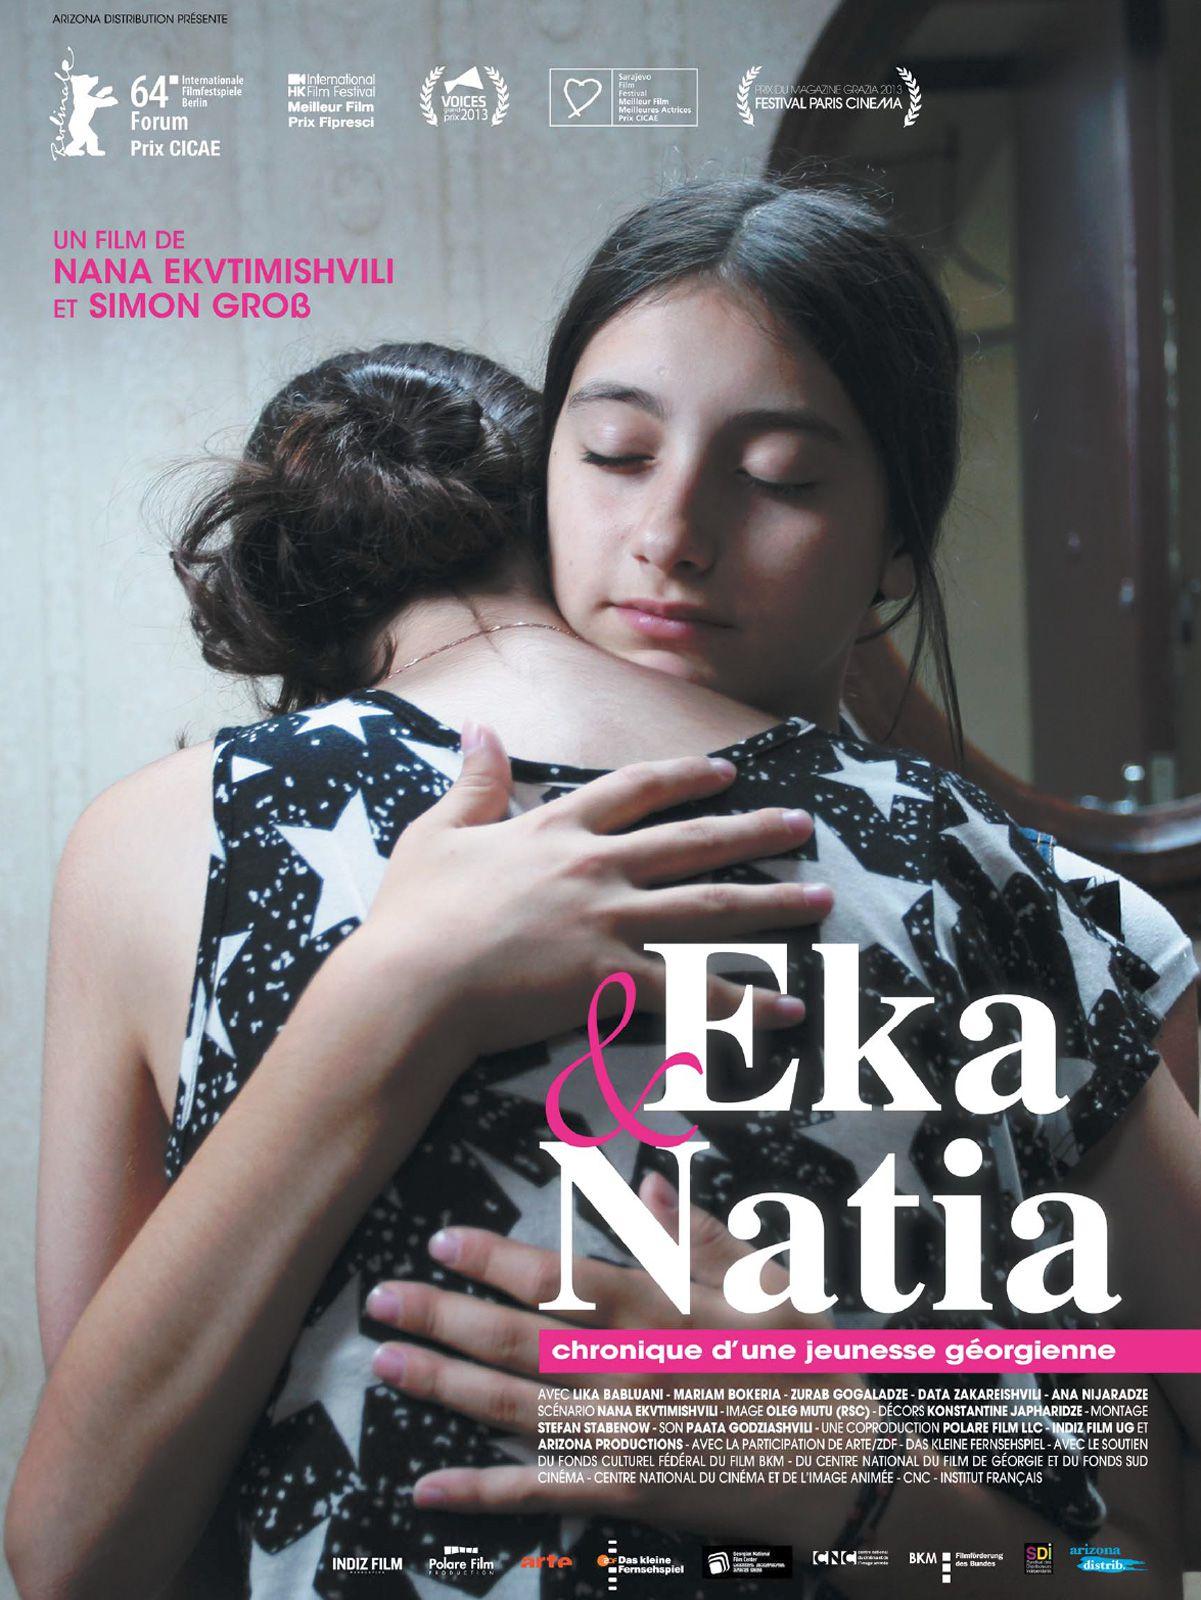 Eka et Natia, chronique d'une jeunesse géorgienne - Film (2013)